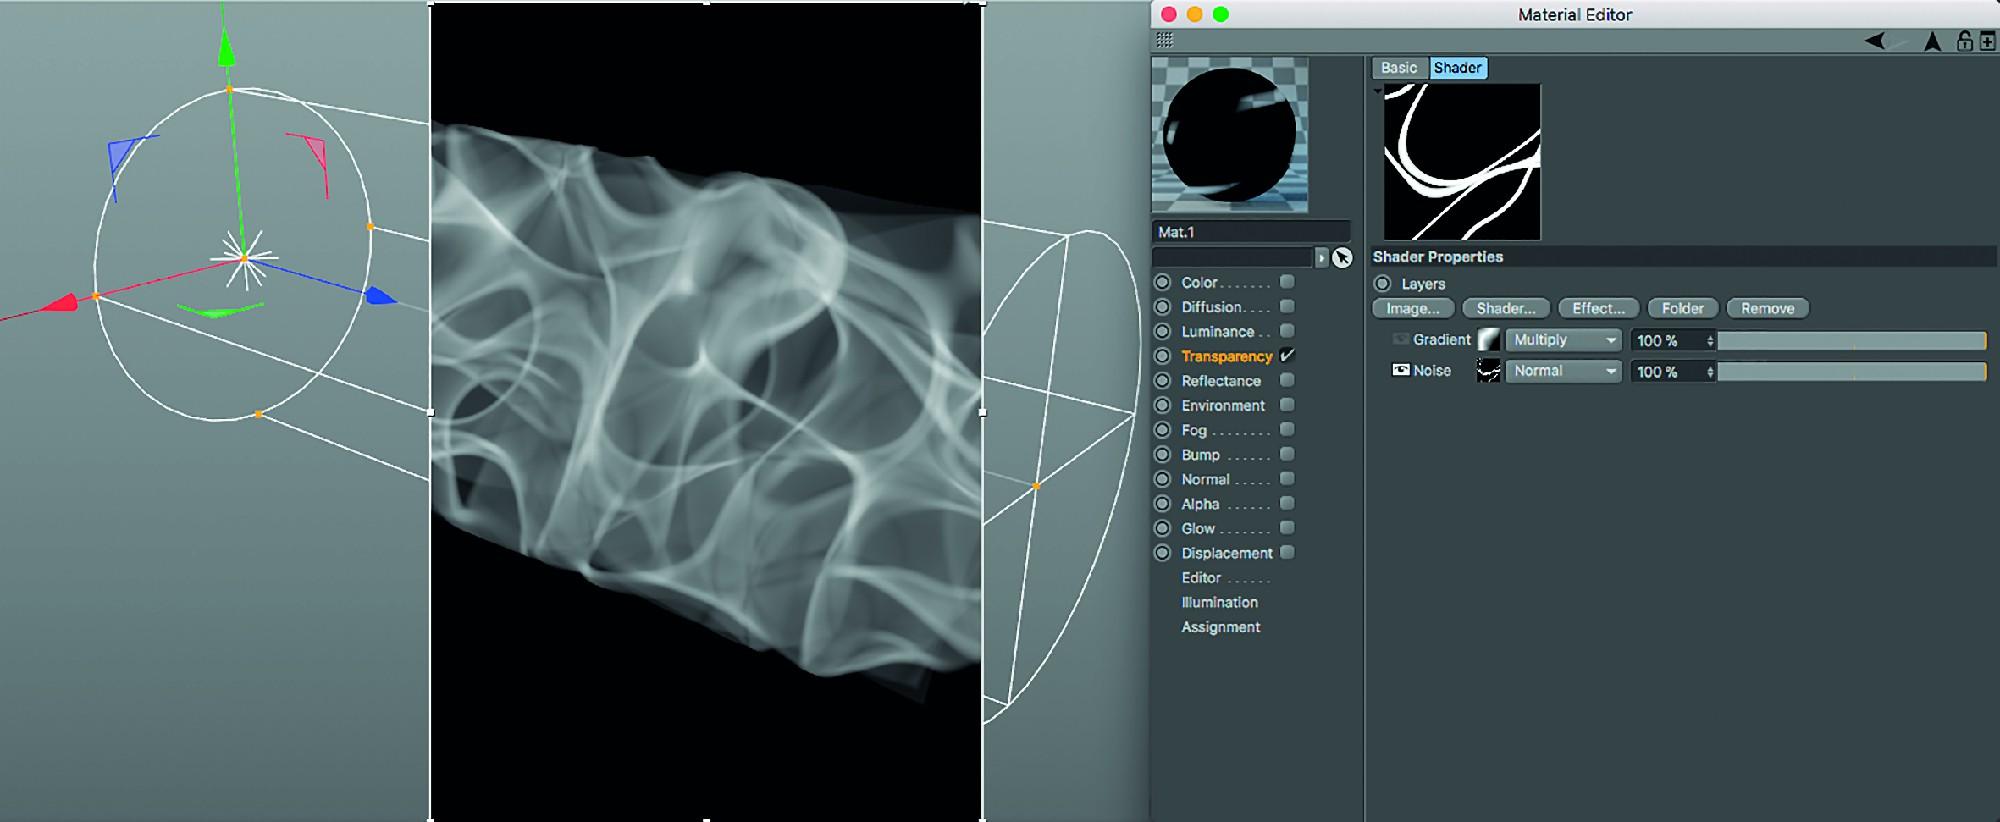 Bild 15: Ein 3D-Noise (Sema) in einem scharfkantigen parallelen Spot mit sichtbarem volumetrischem Licht. Die Kanten wirken unorganisch scharf.